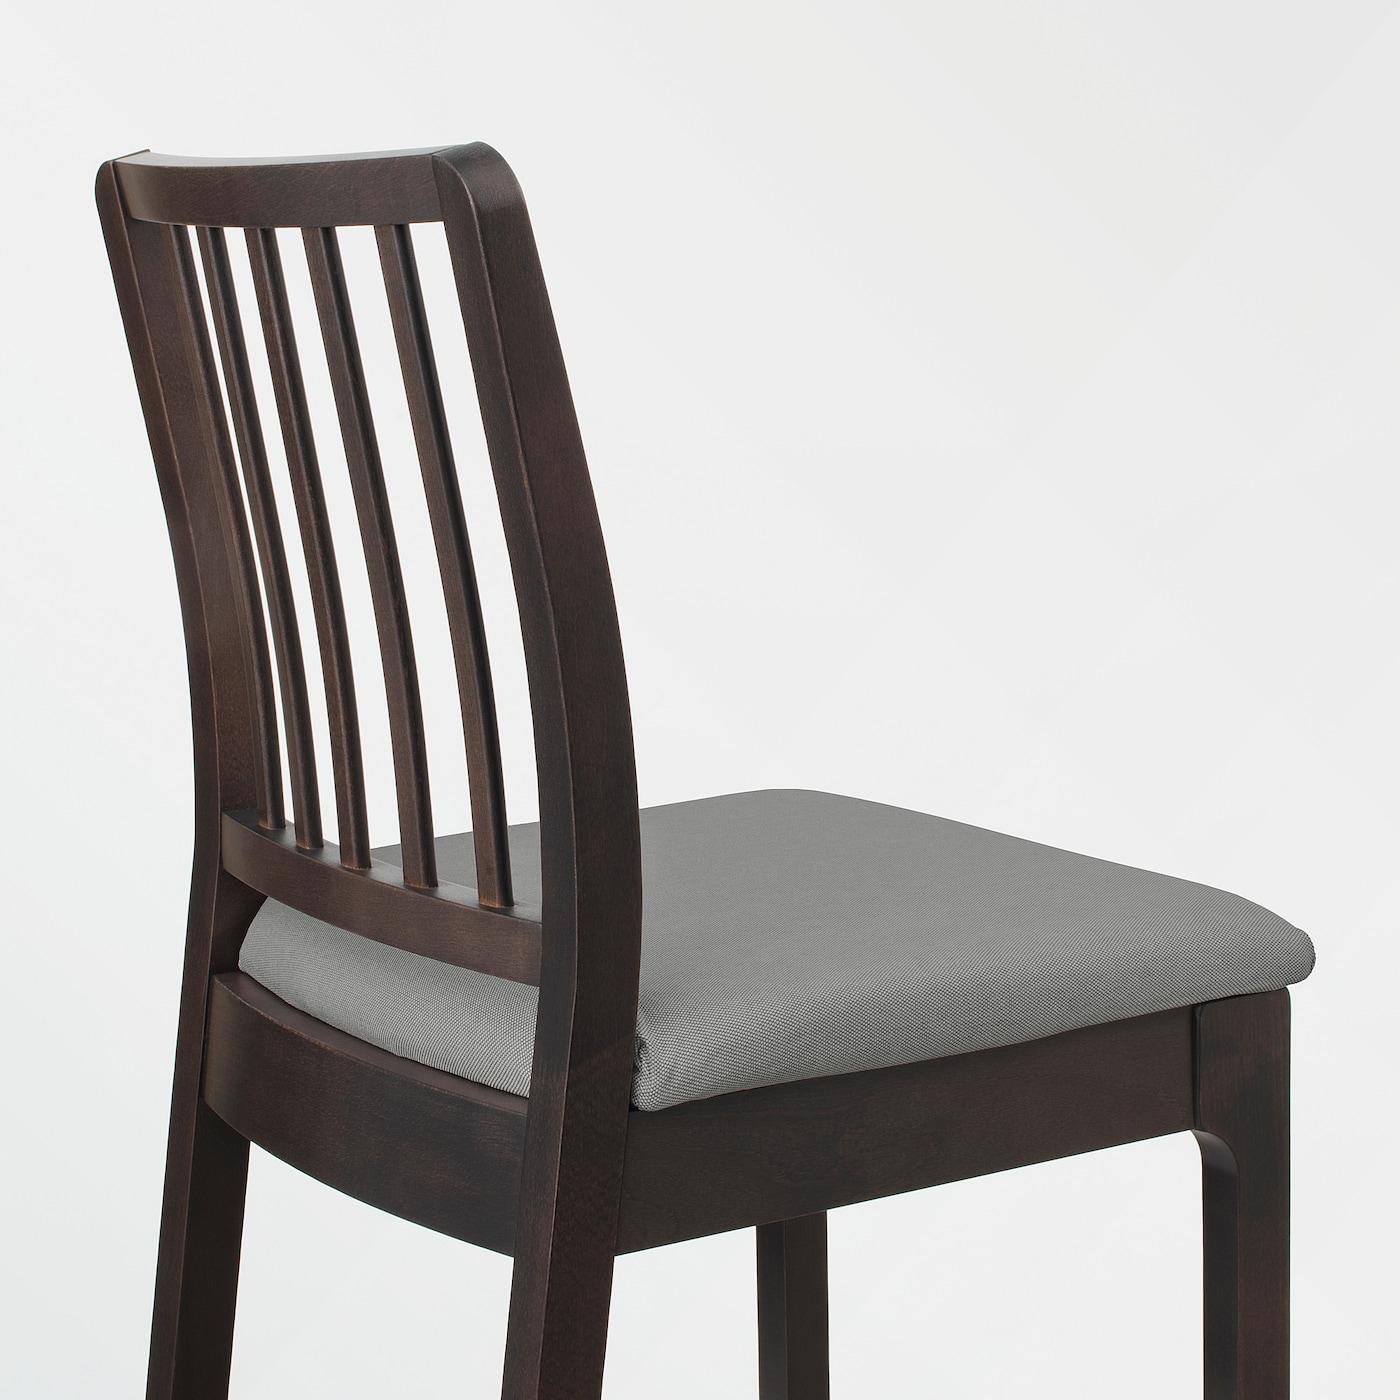 EKEDALEN Chaise de bar brun foncé, Orrsta gris clair 62 cm